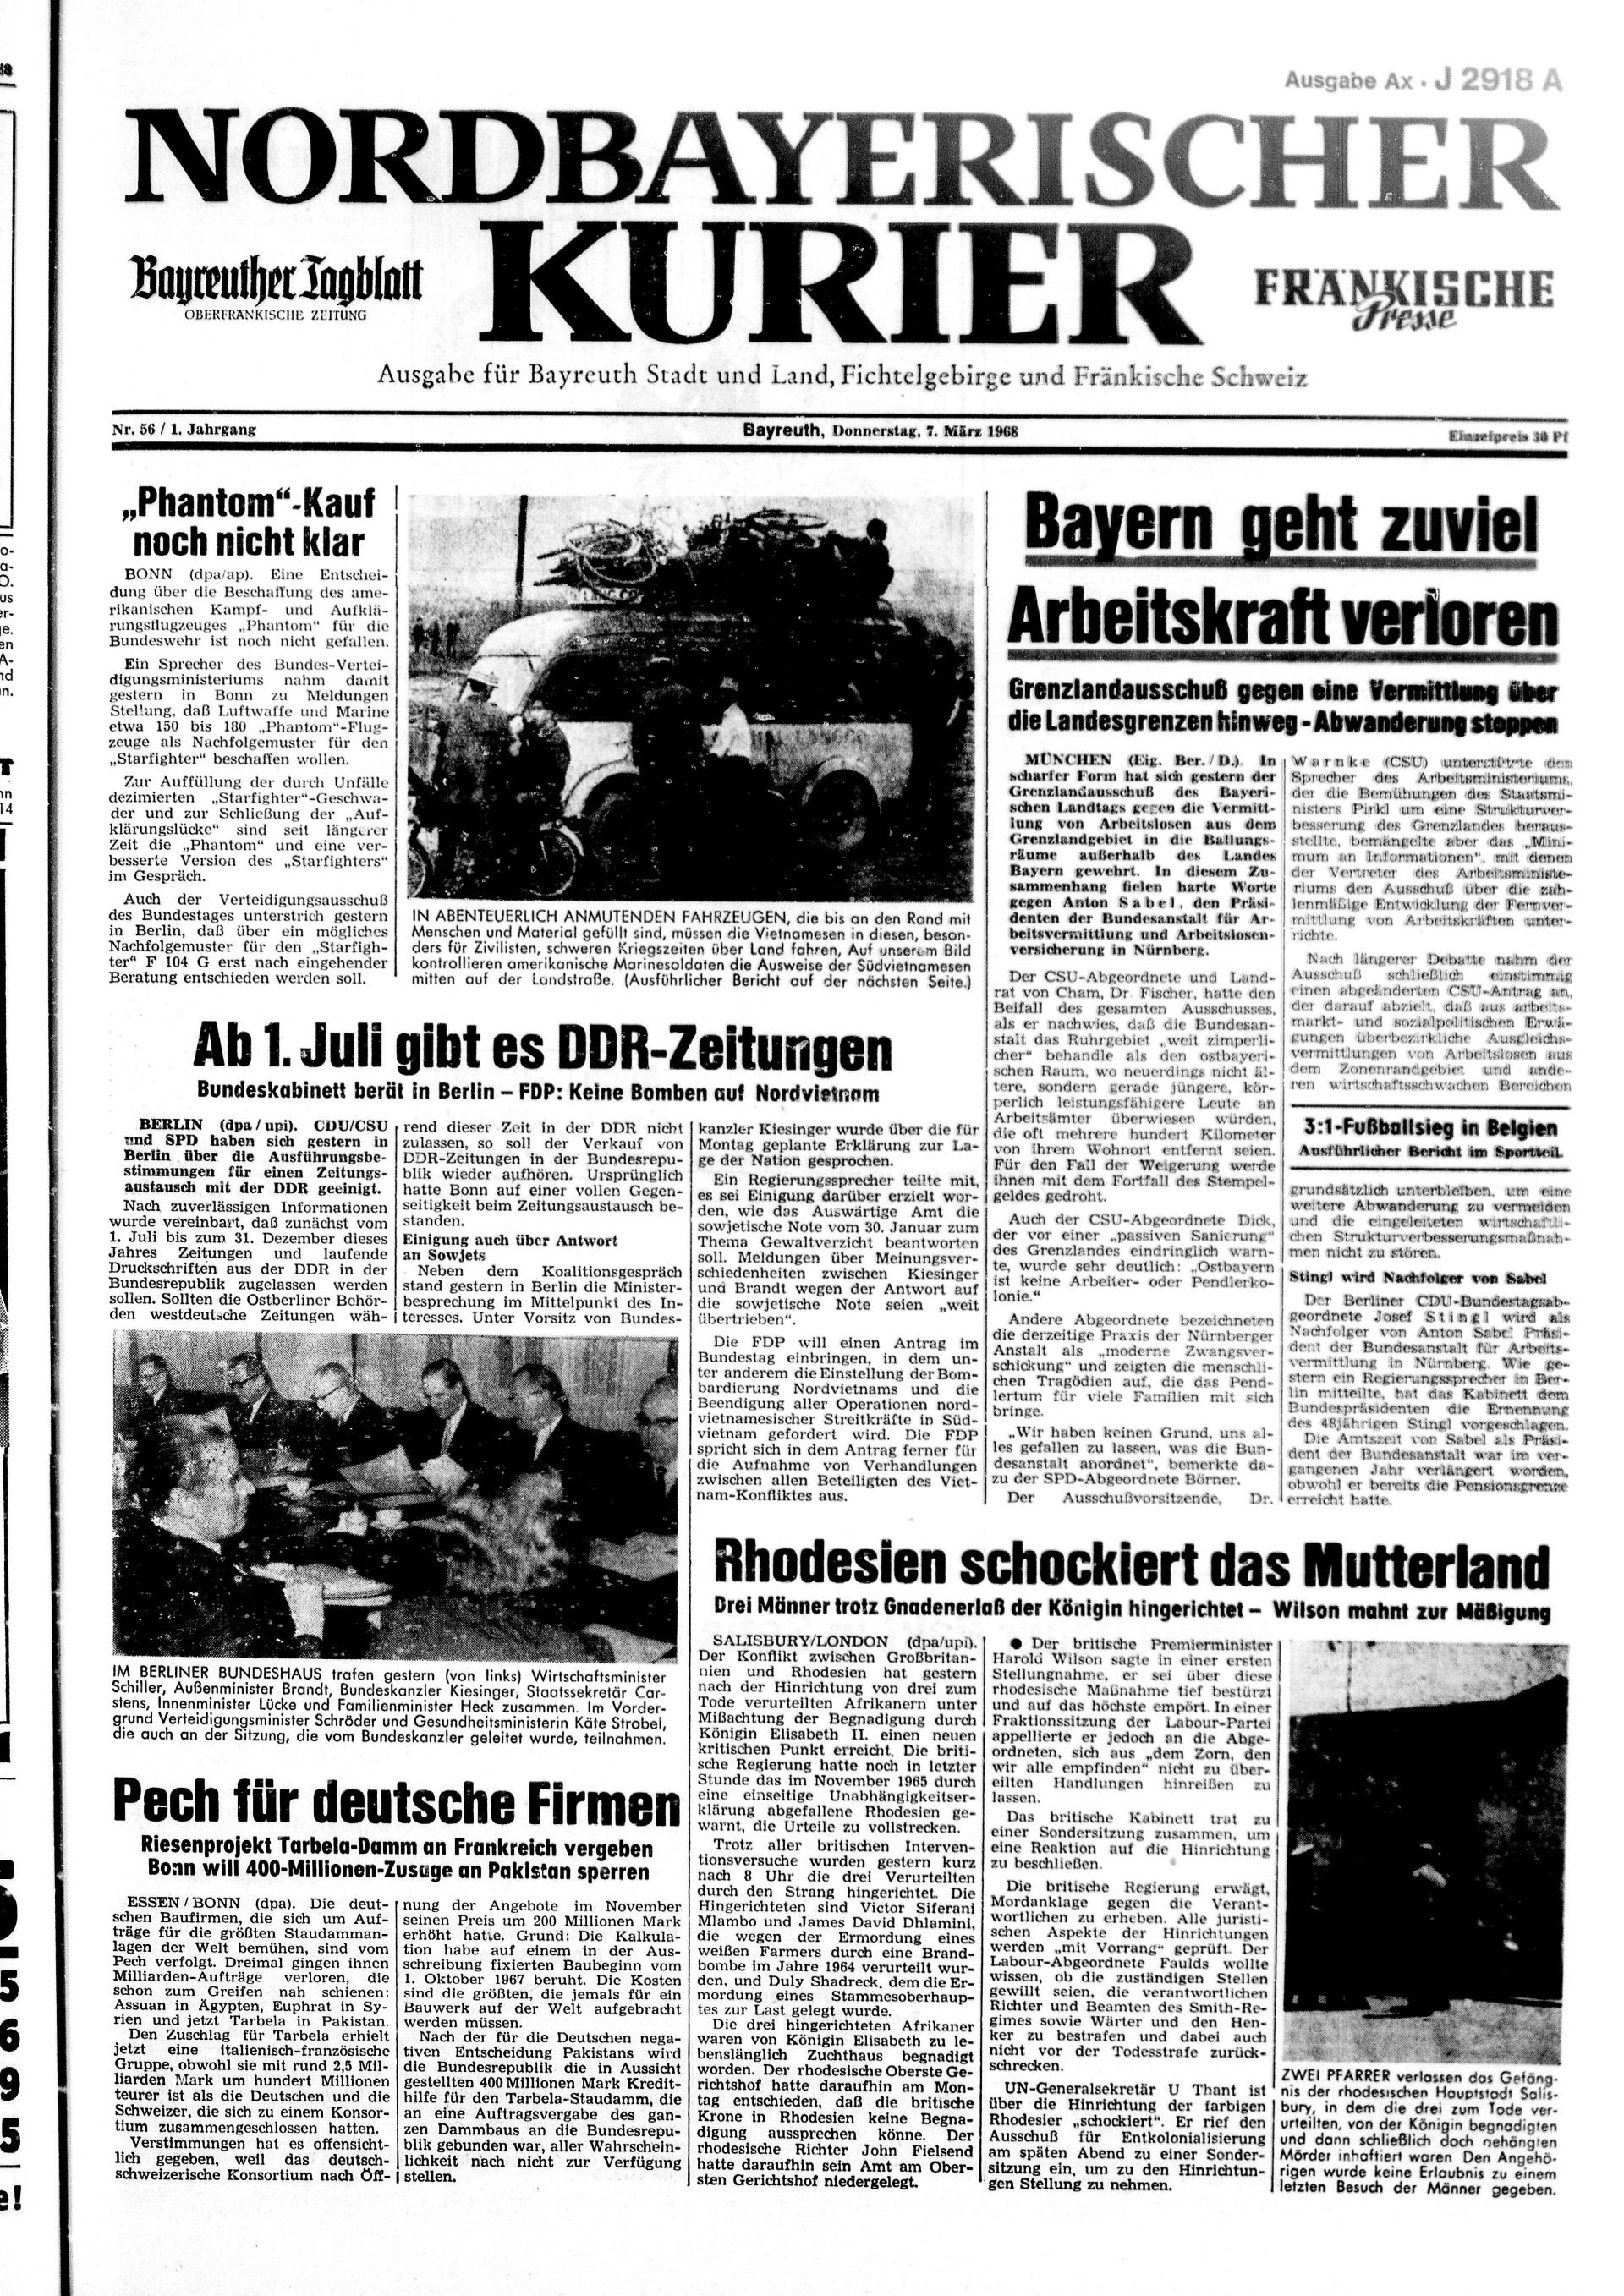 Niedlich Zederpfosten Und Stacheldrahtzäune Fotos - Der Schaltplan ...